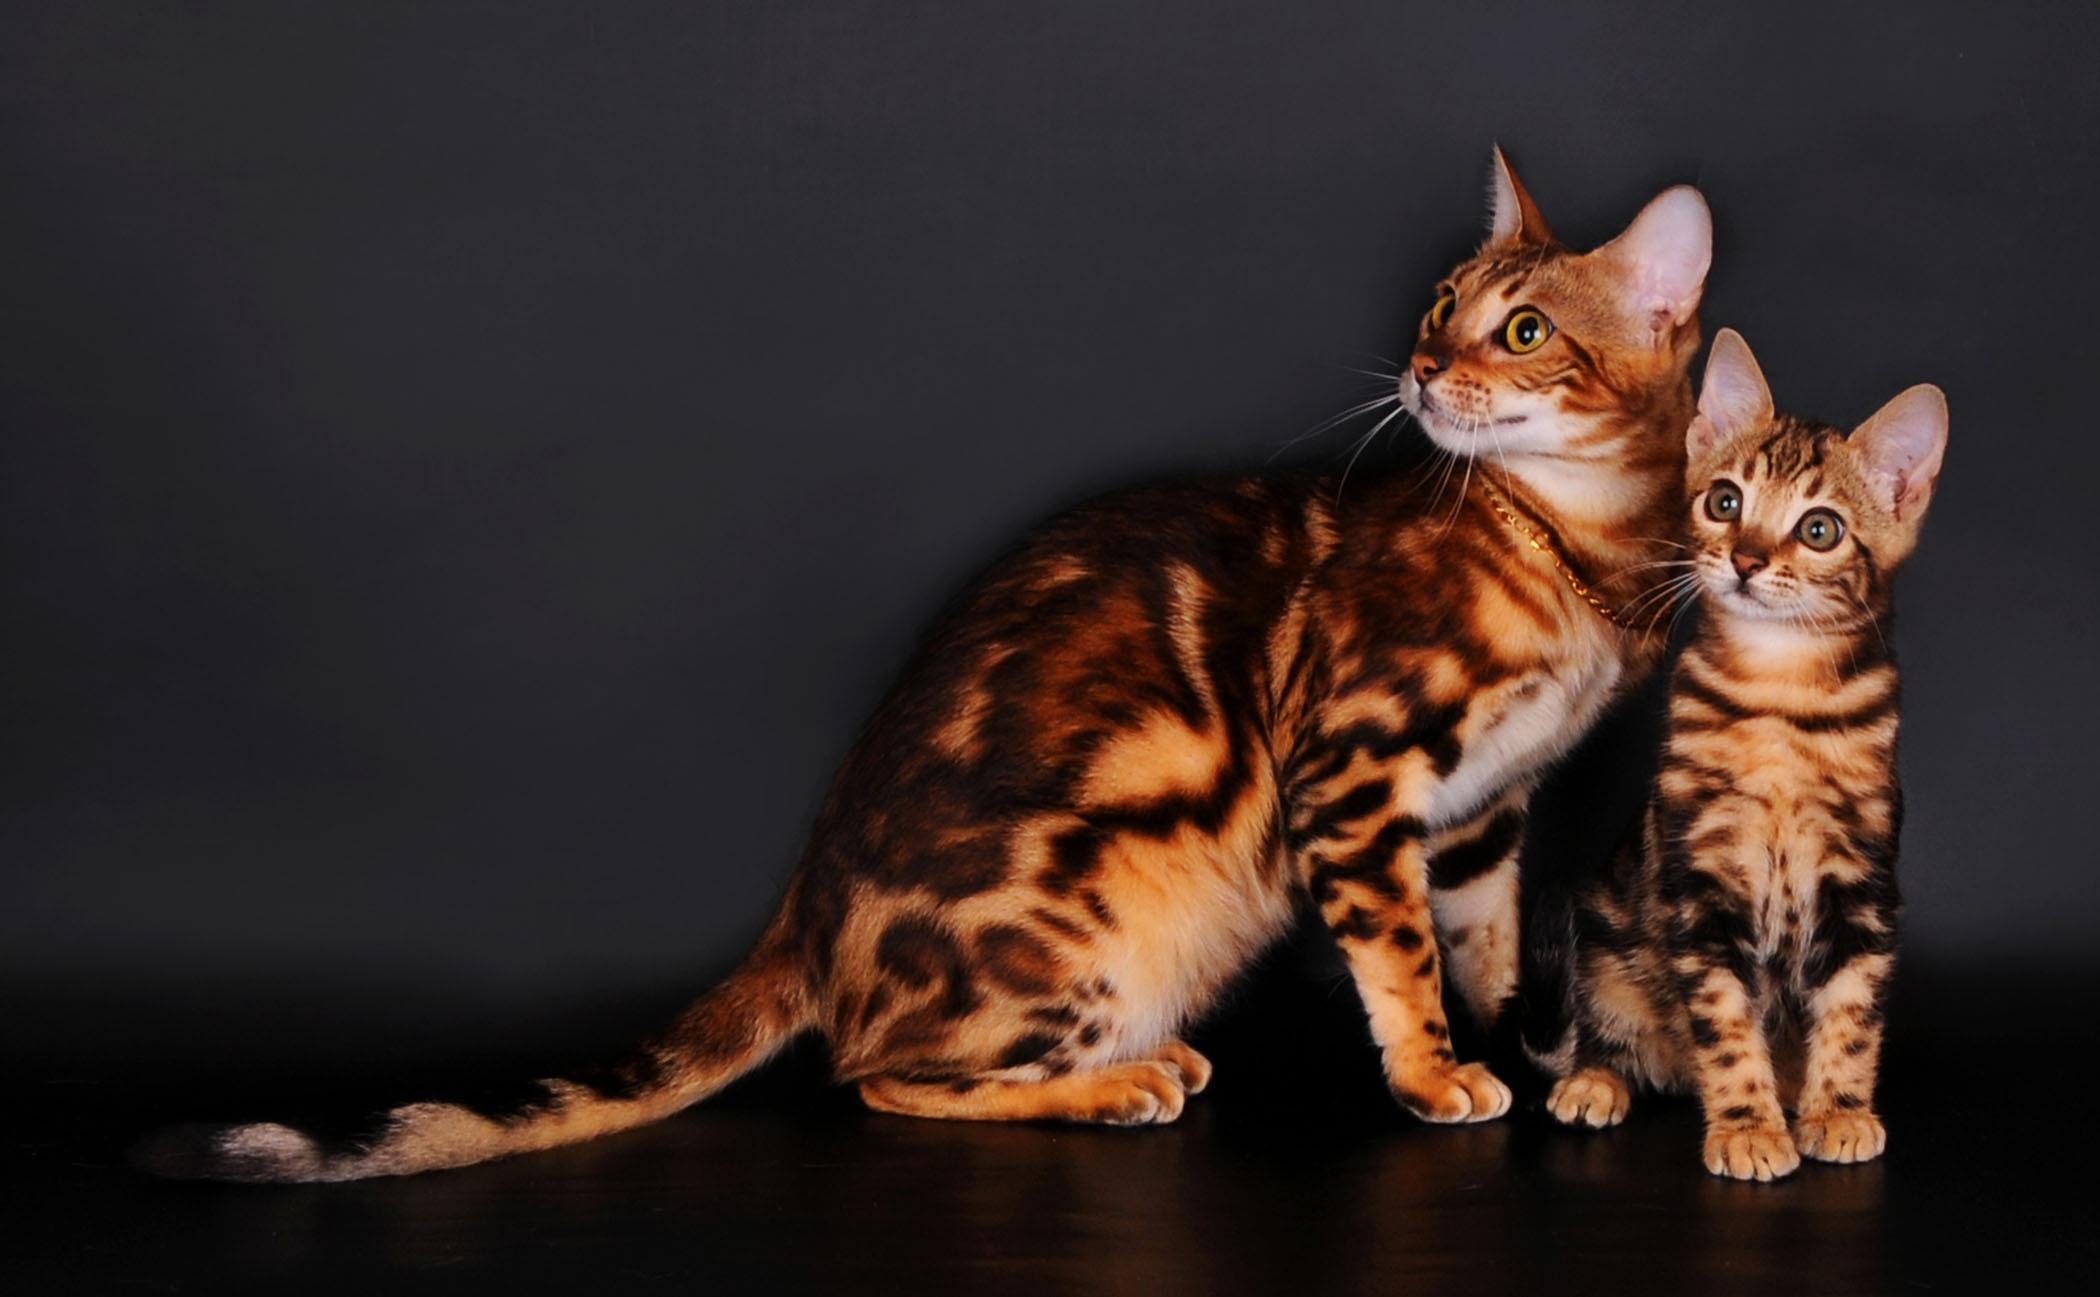 Обои для рабочего стола бенгальский кот